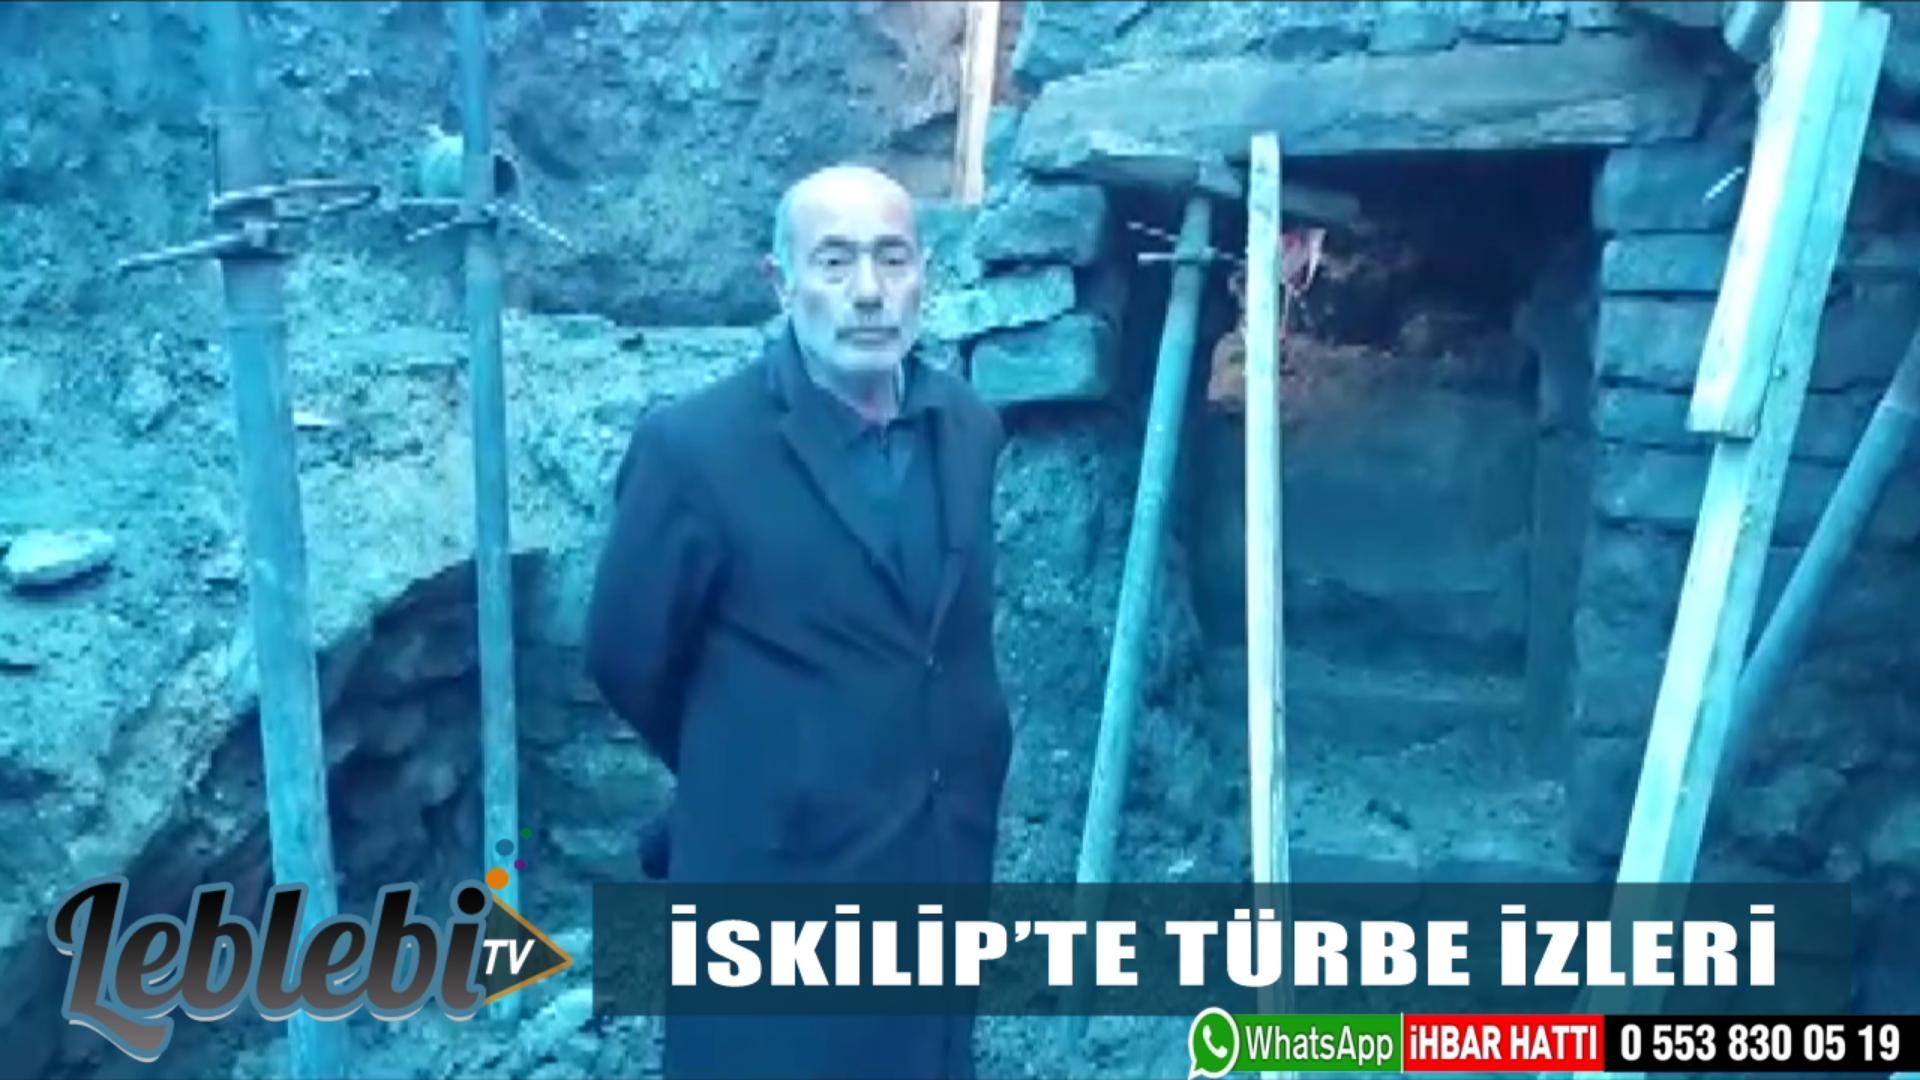 İSKİLİP'TE TÜRBE İZLERİ